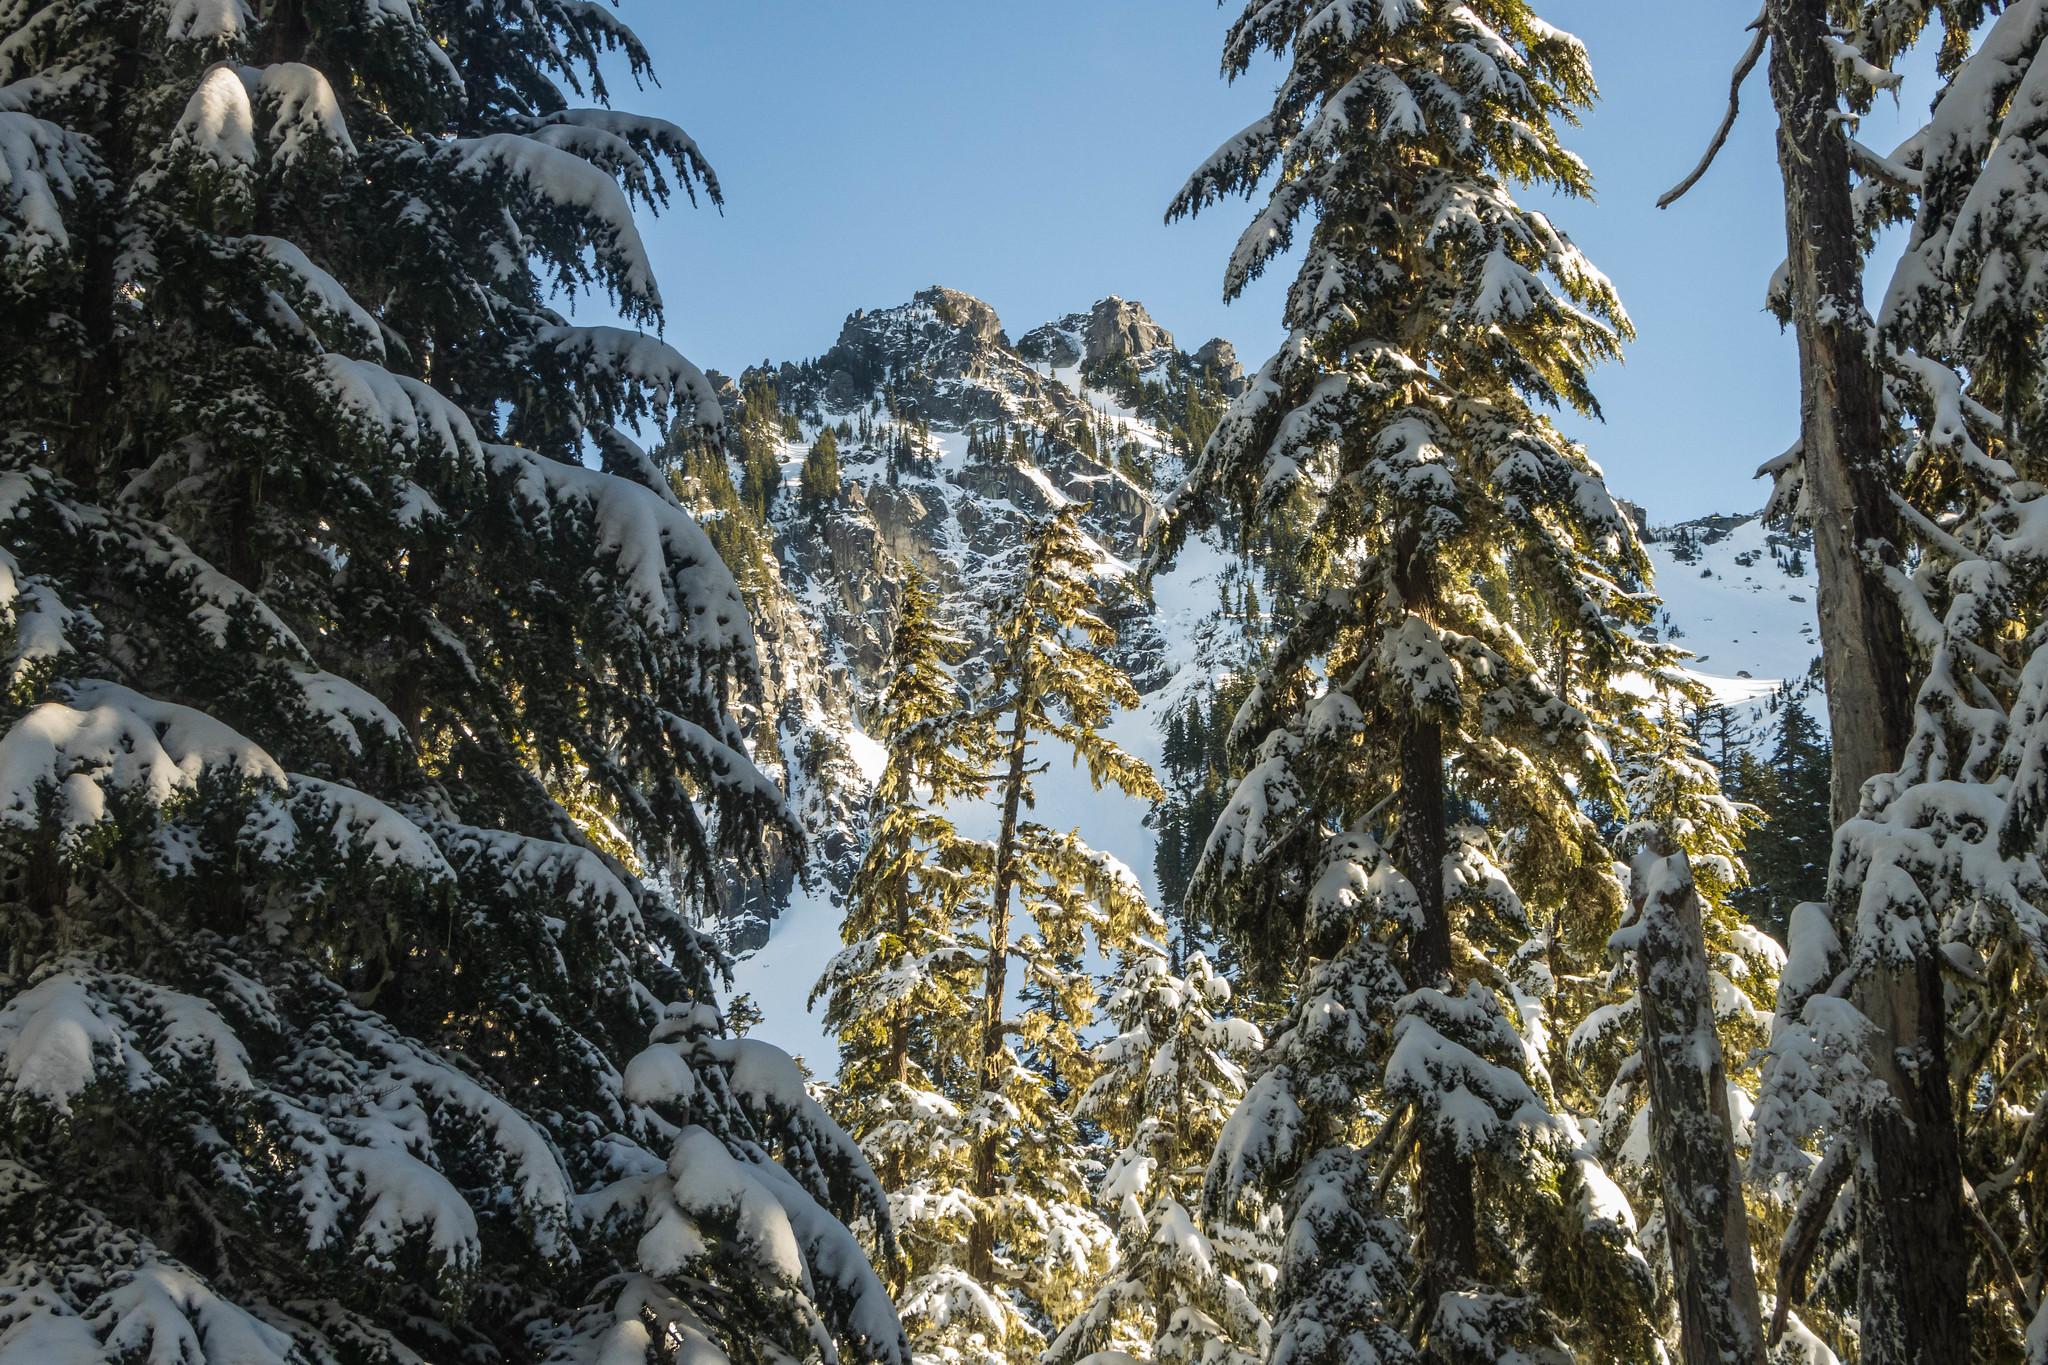 Nimbus Mountain through the trees